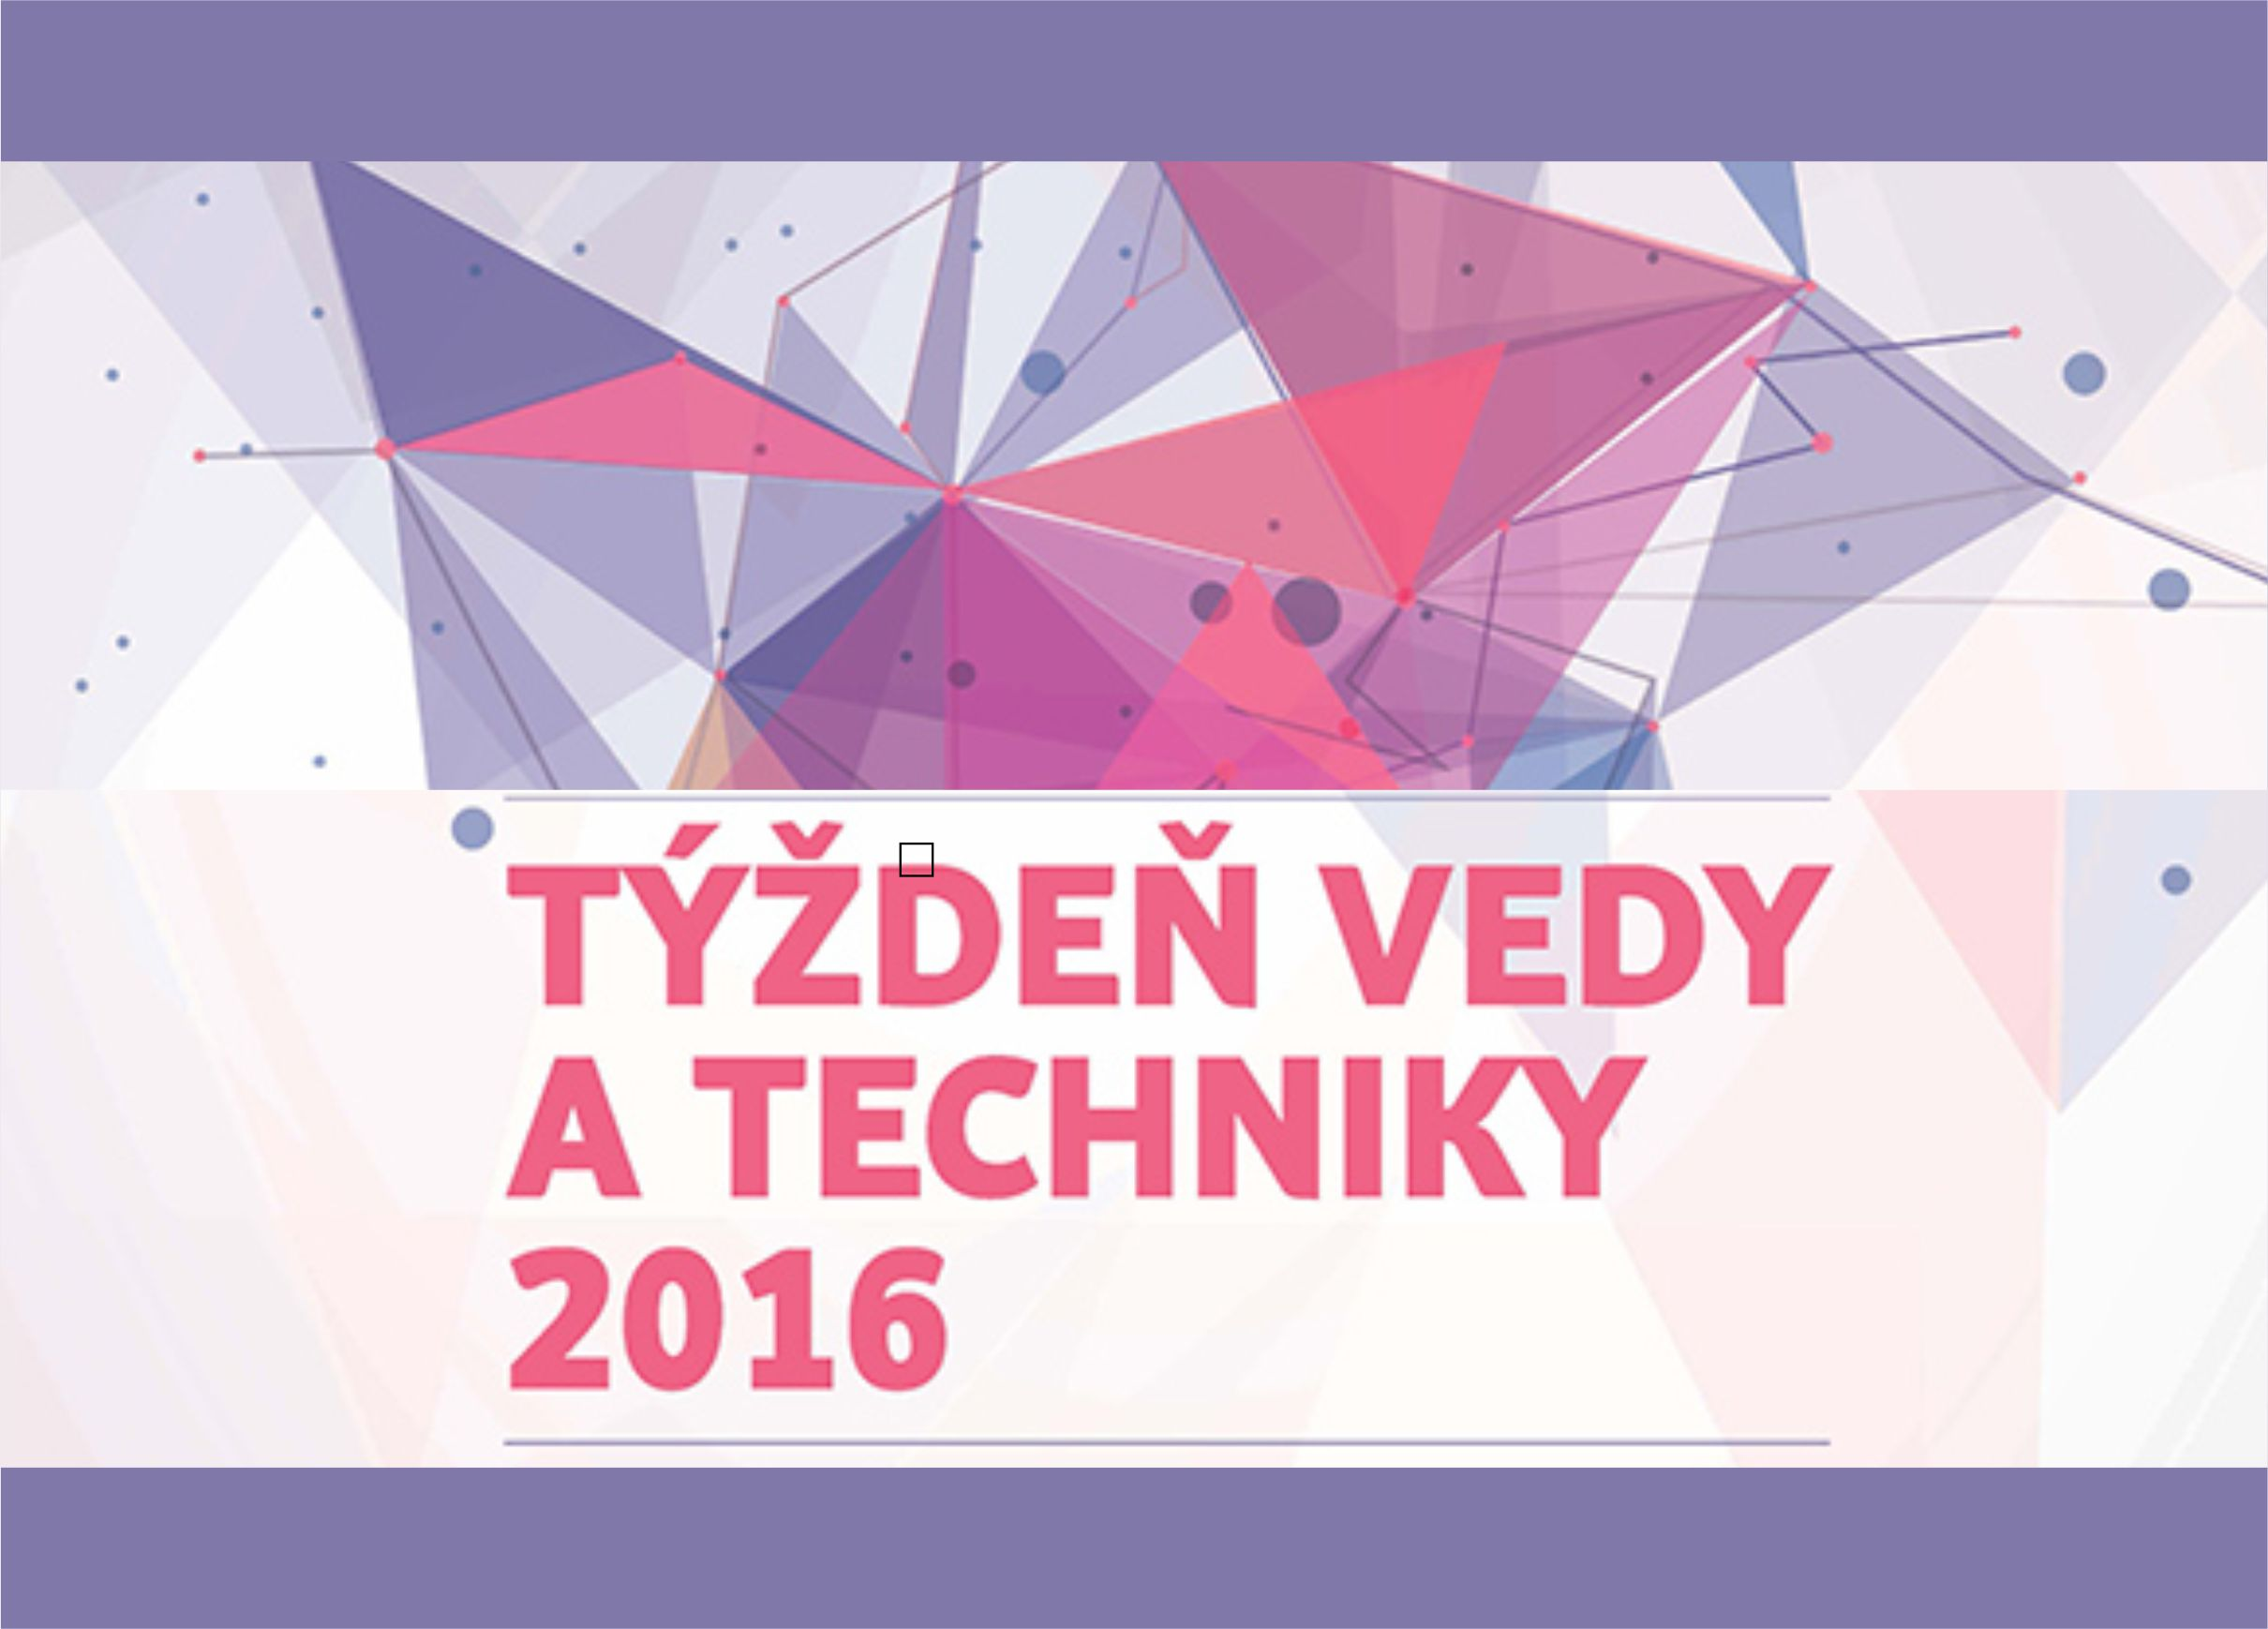 Začal sa Týždeň vedy a techniky na Slovensk - Kam v meste  988a27a5376